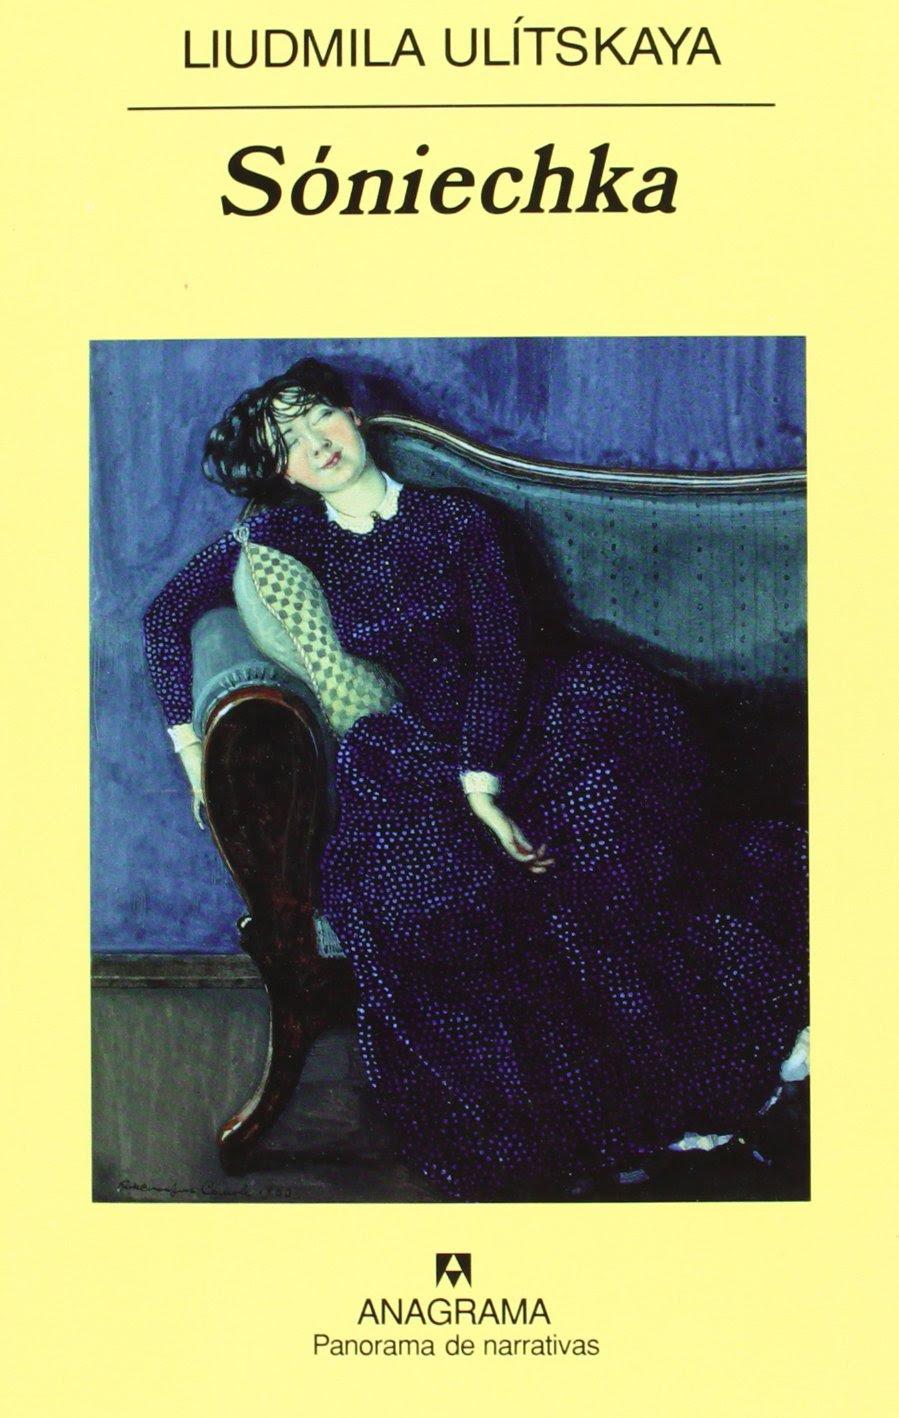 Liudmila Ulitskaya